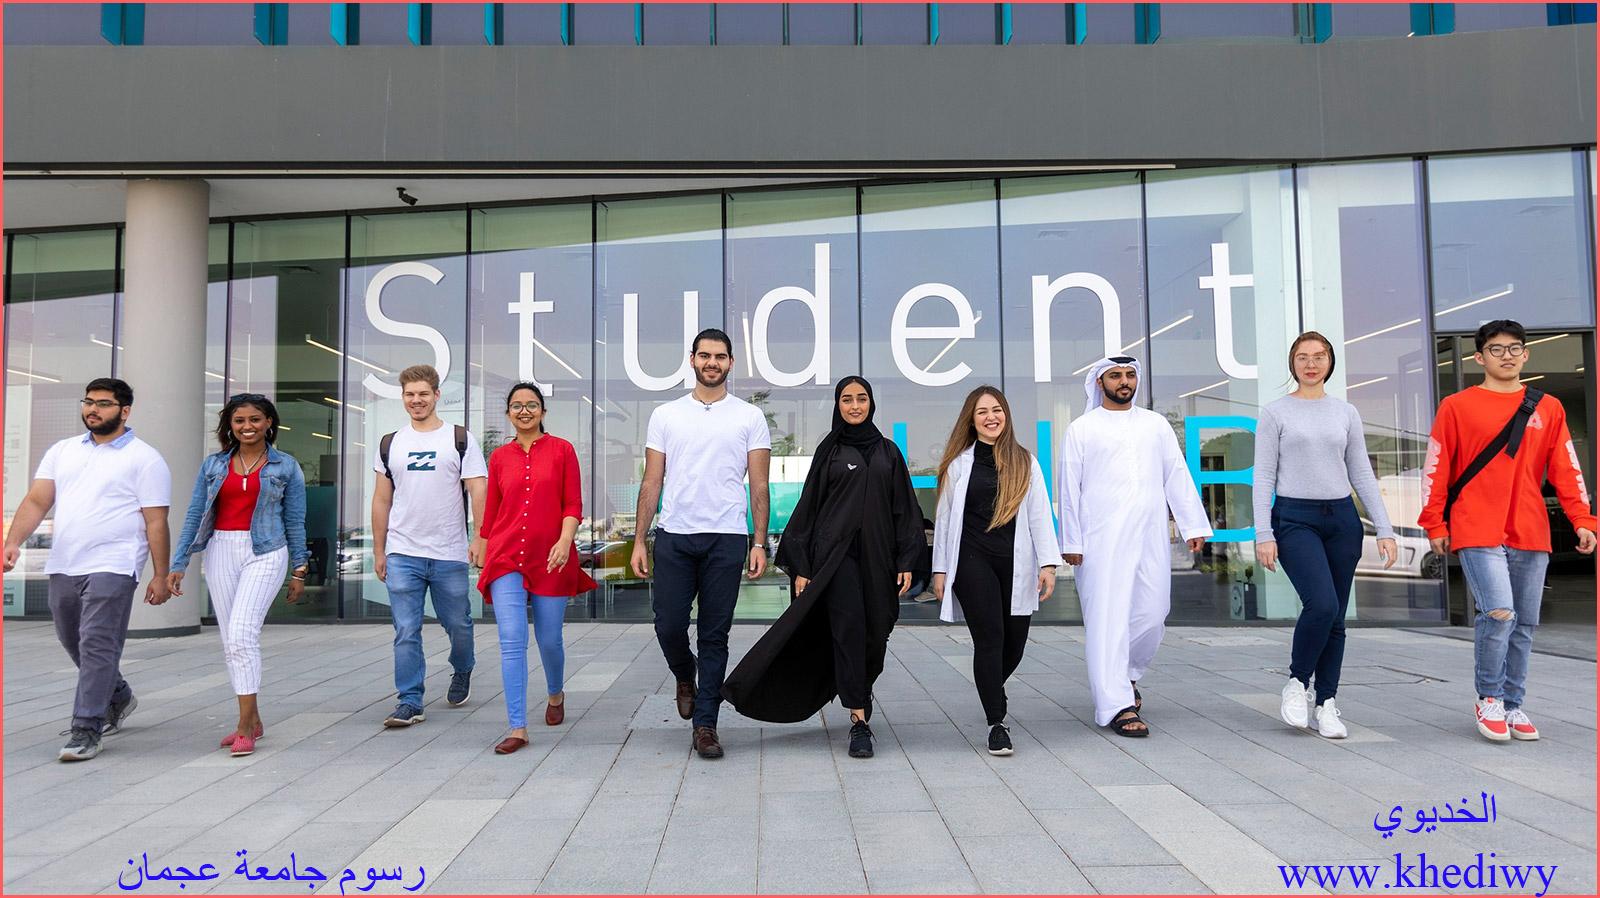 رسوم جامعة عجمان .. ما هي مصاريف الدراسة لمرحلة (البكالوريوس - الماجستير - الدكتوراه) ؟؟